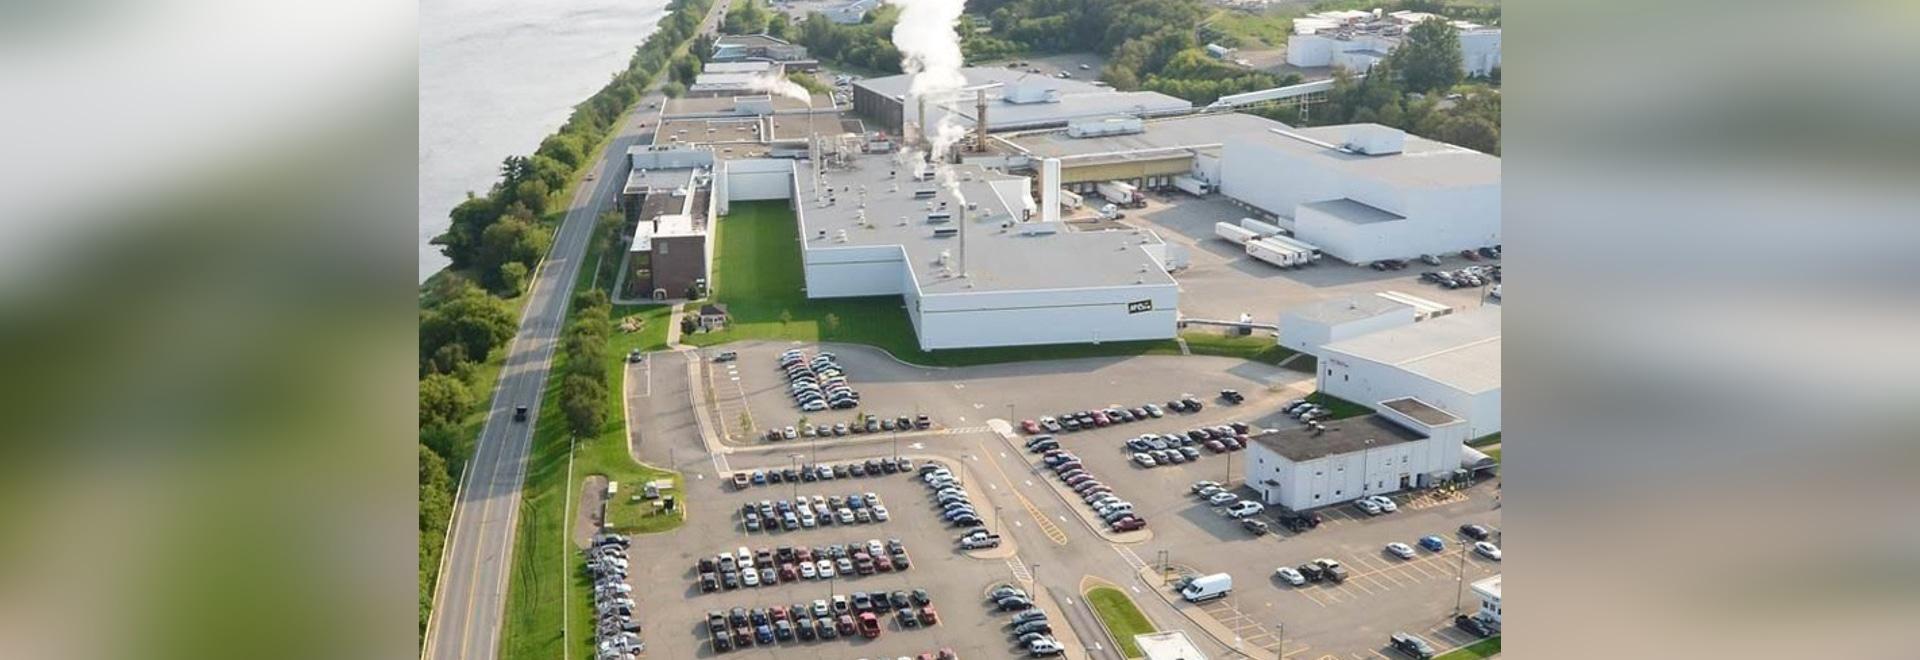 Extensión de la planta de las patatas fritas de Florenceville-Bristol, Nuevo Brunswick